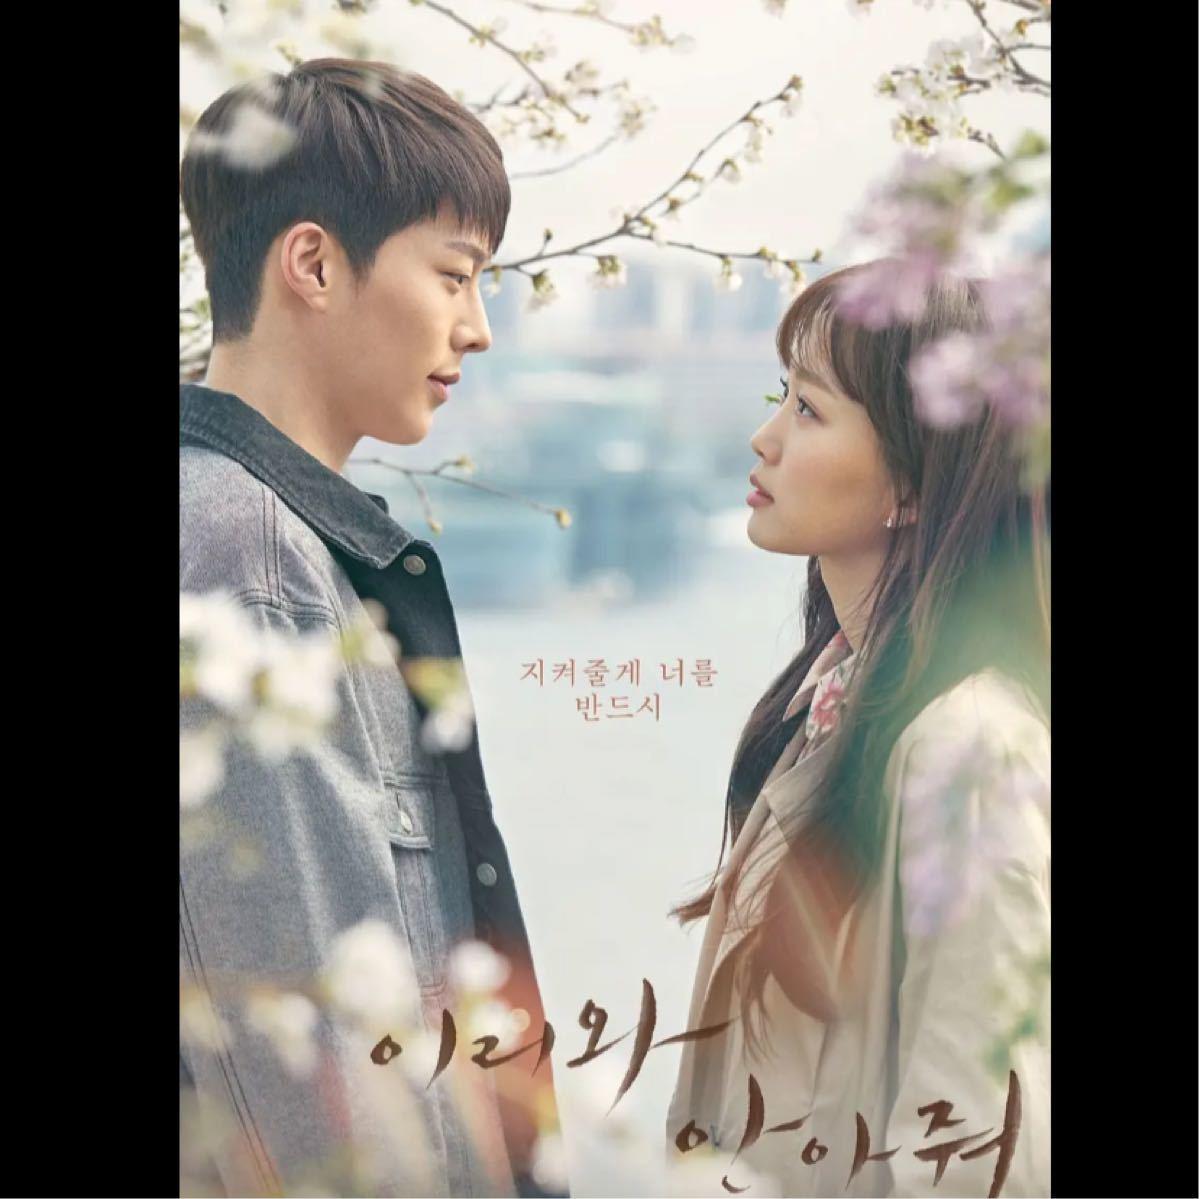 ☆韓国ドラマ☆『ここに来て抱きしめて』 Blu-ray  全話 CDケース入